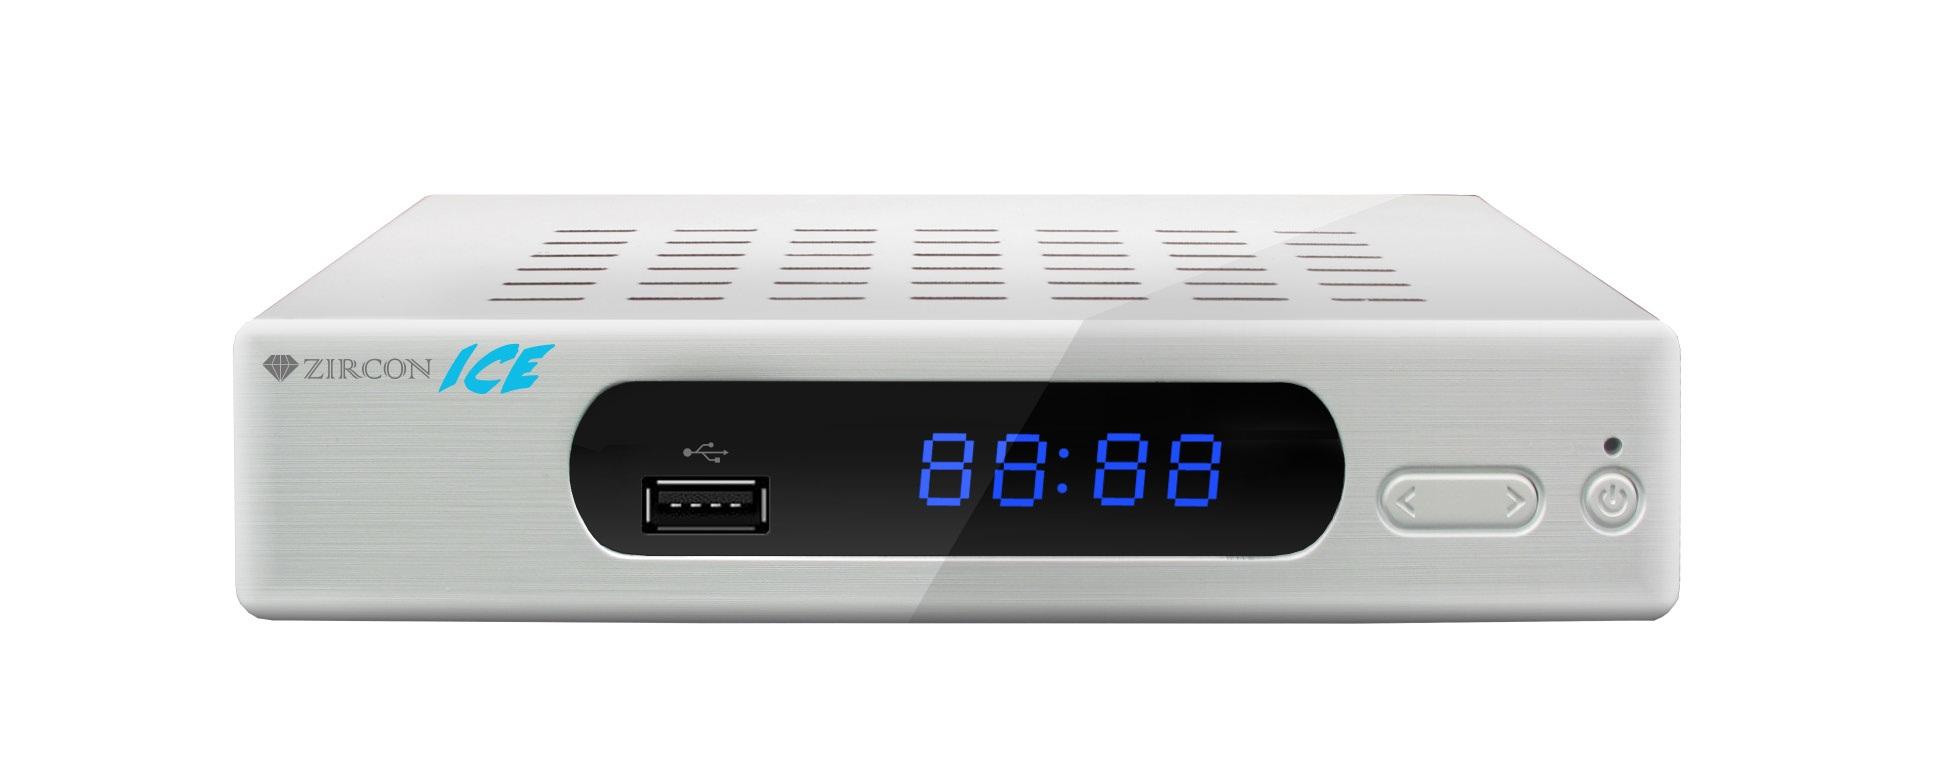 ZIRCON ICE DVB-T2 HD přijímač s HEVC DVB-T2 ověřeno